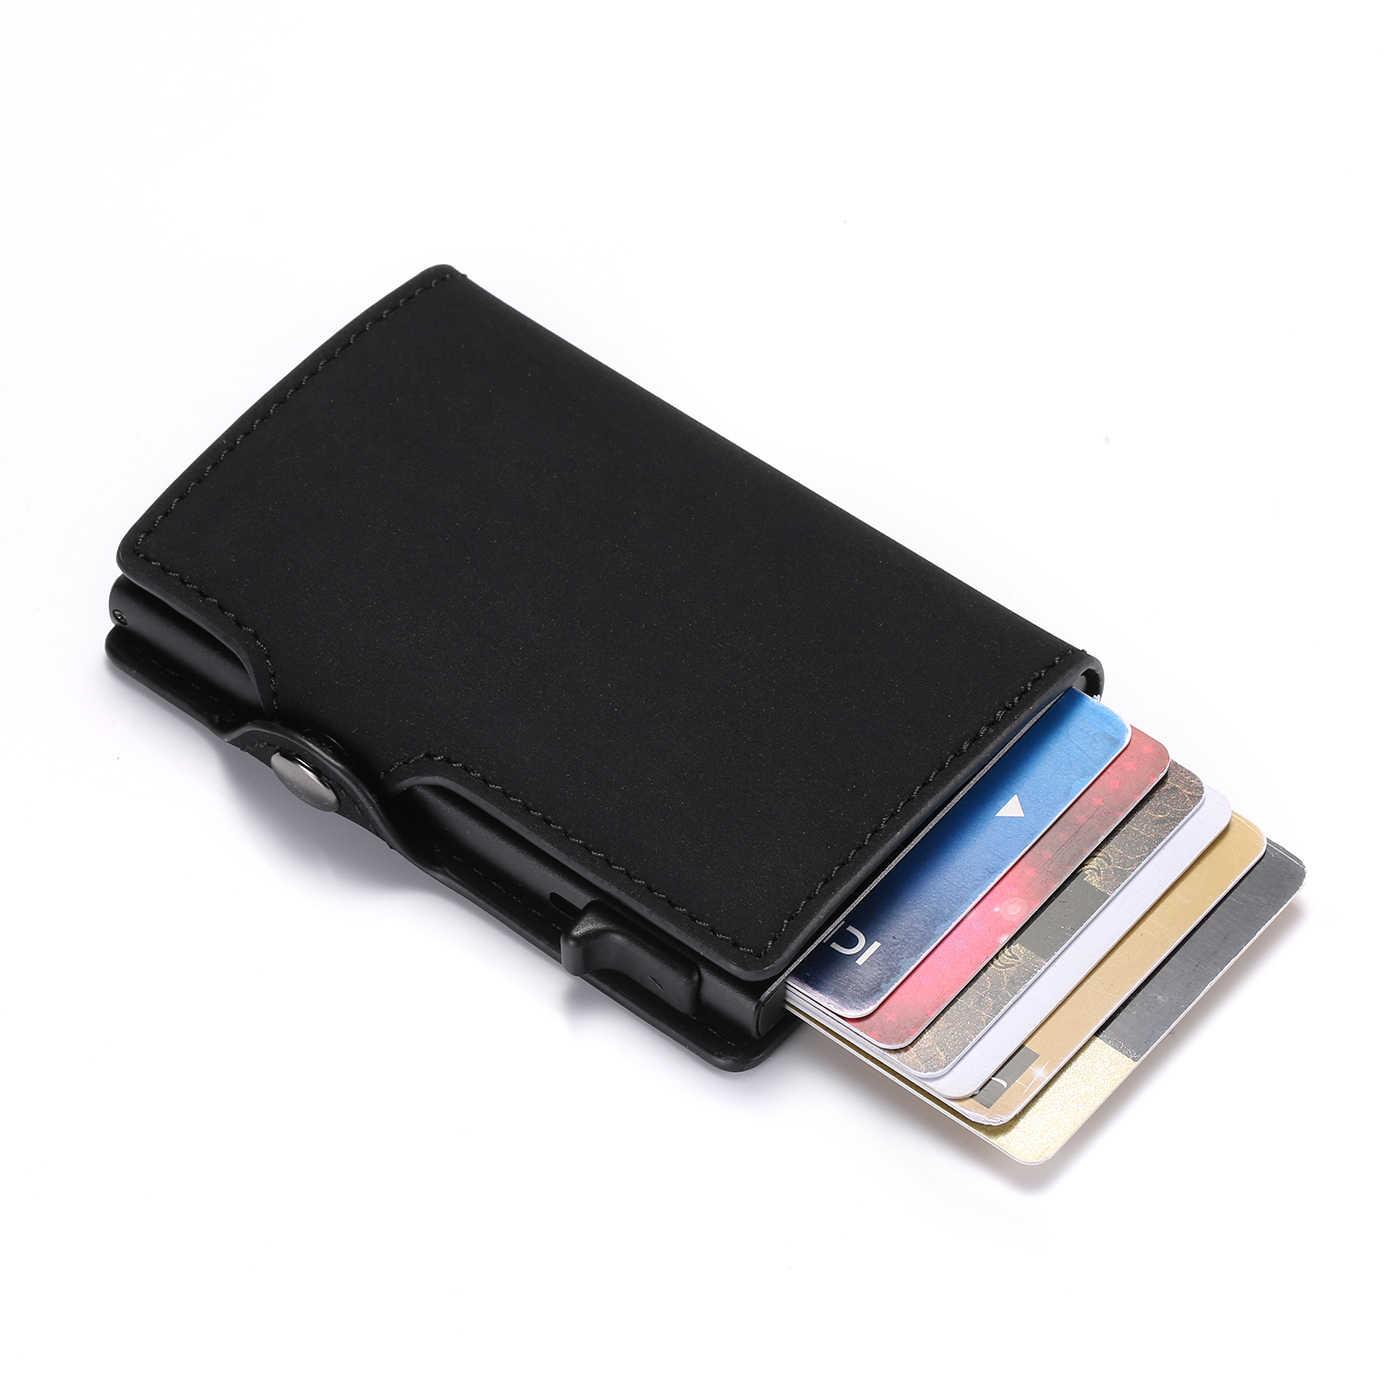 BISI GORO модный кошелек 2019 Новый Винтажный кошелек для карт RFID Тонкий чемодан бизнес роскошный чехол для карт Противоугонная карта оптовая продажа